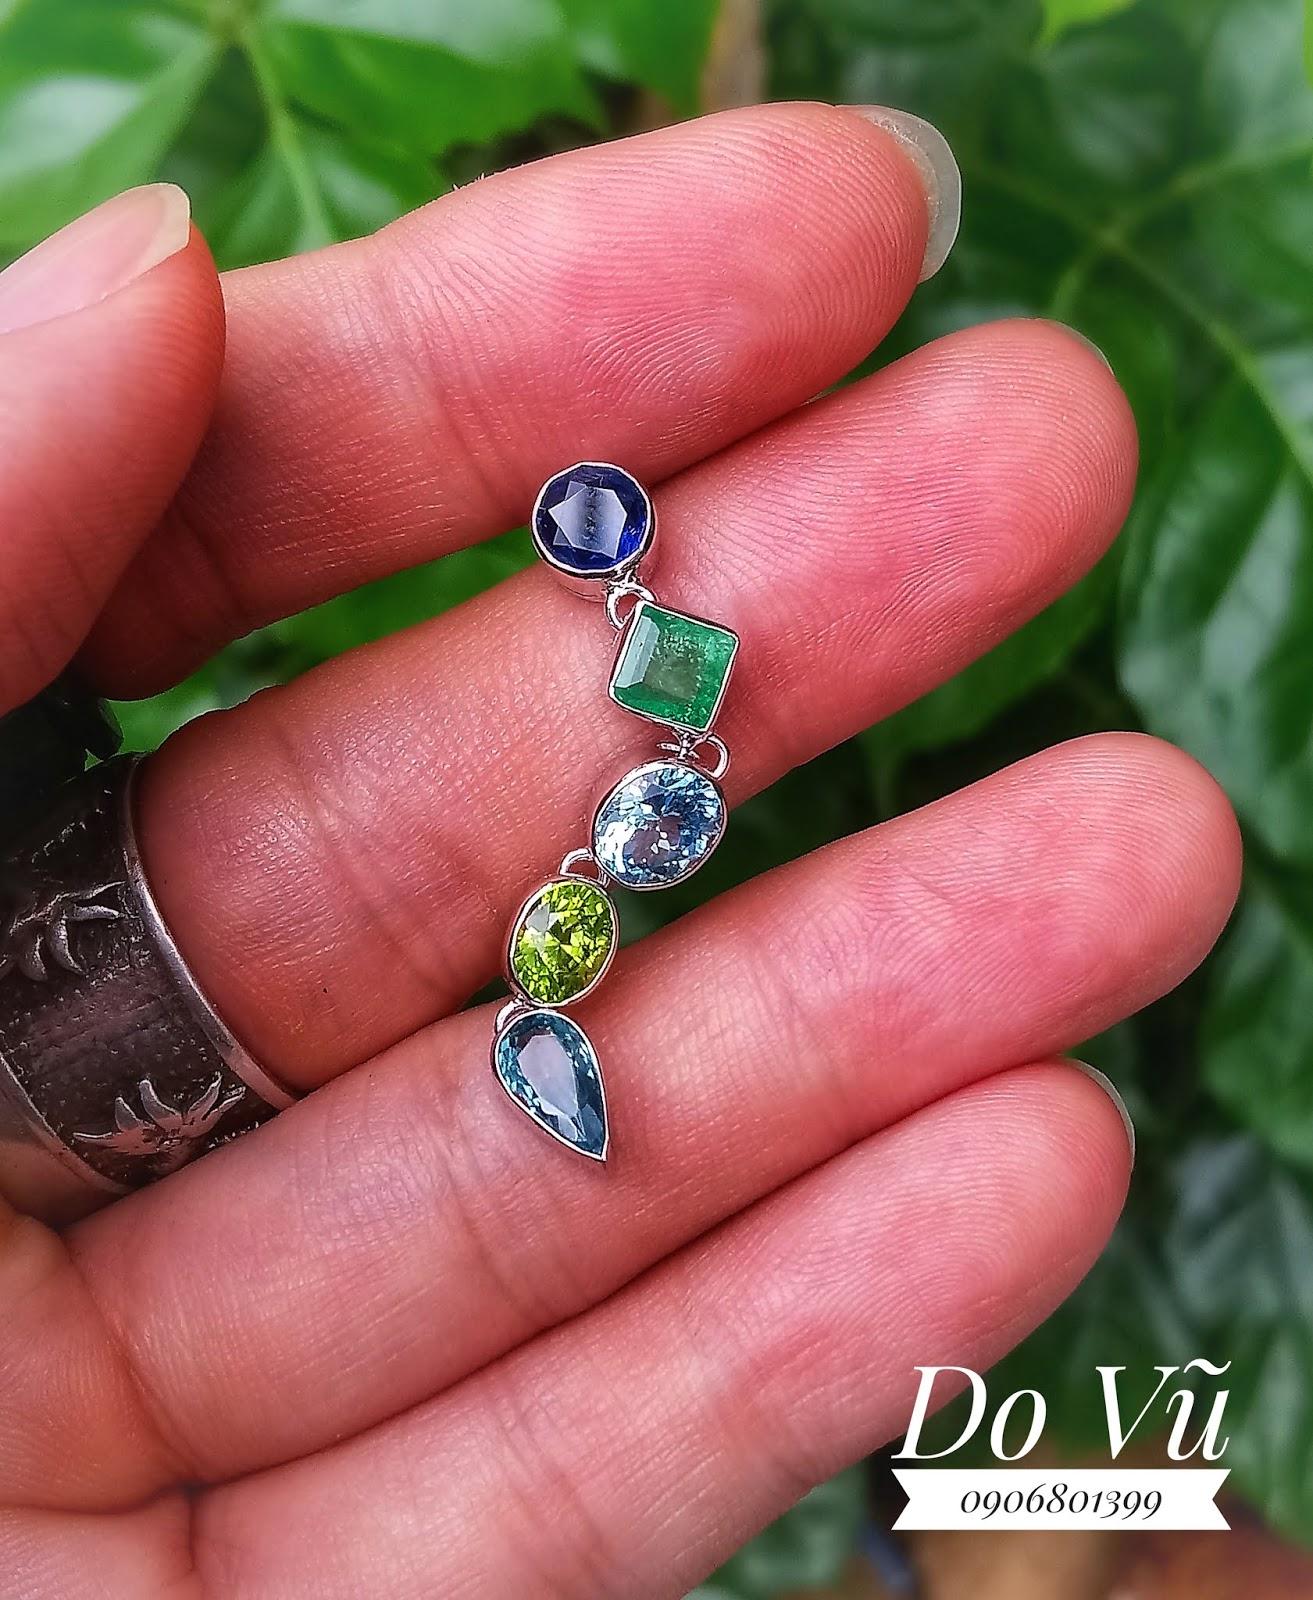 Mặt dây đá quý Sapphire, Ngọc Lục Bảo, Aquamarine, Peridot, Topaz thiên nhiên, vàng trắng (25/04/20, 02)